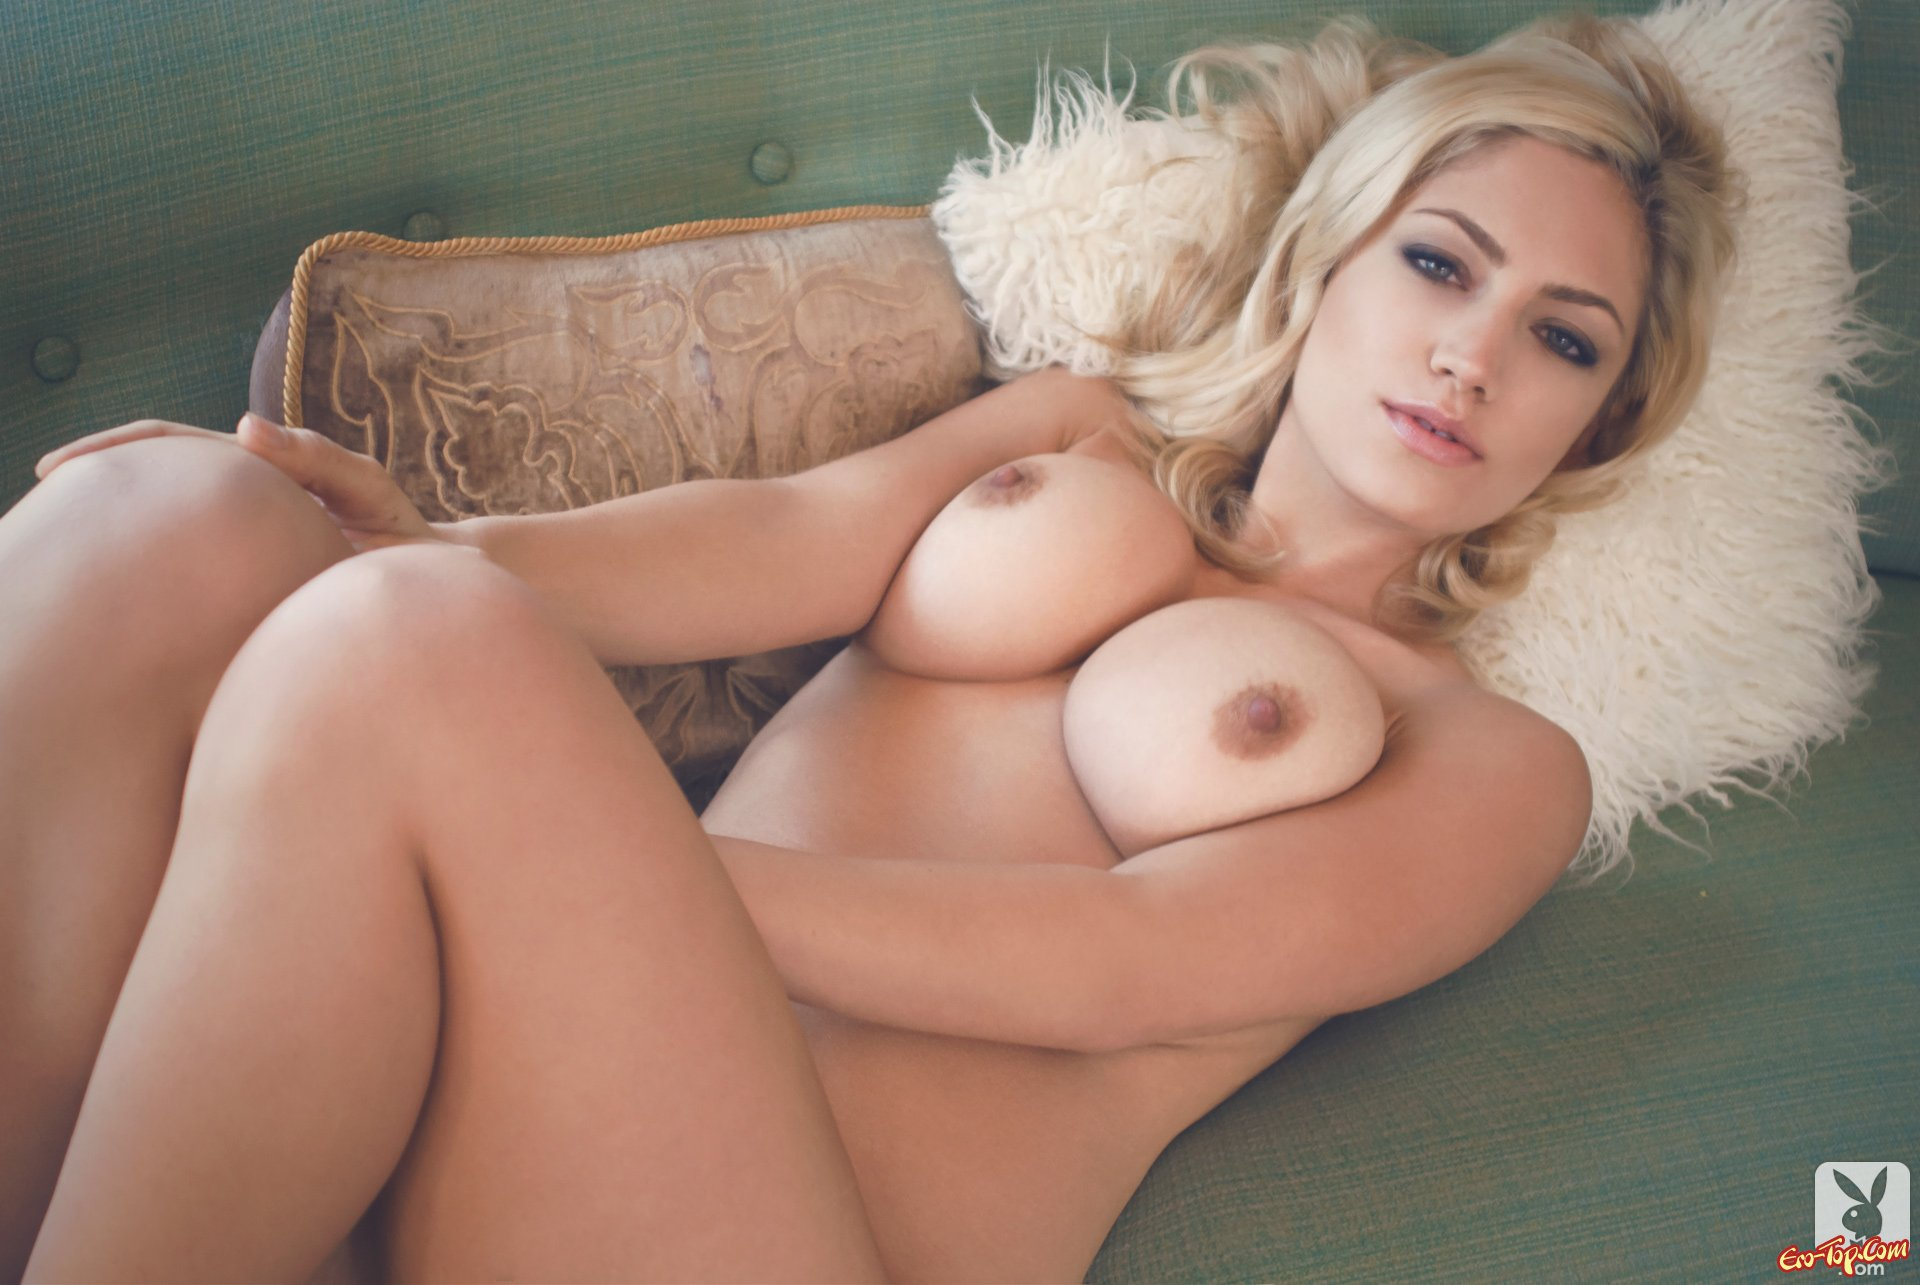 Bryce фото секс картинки